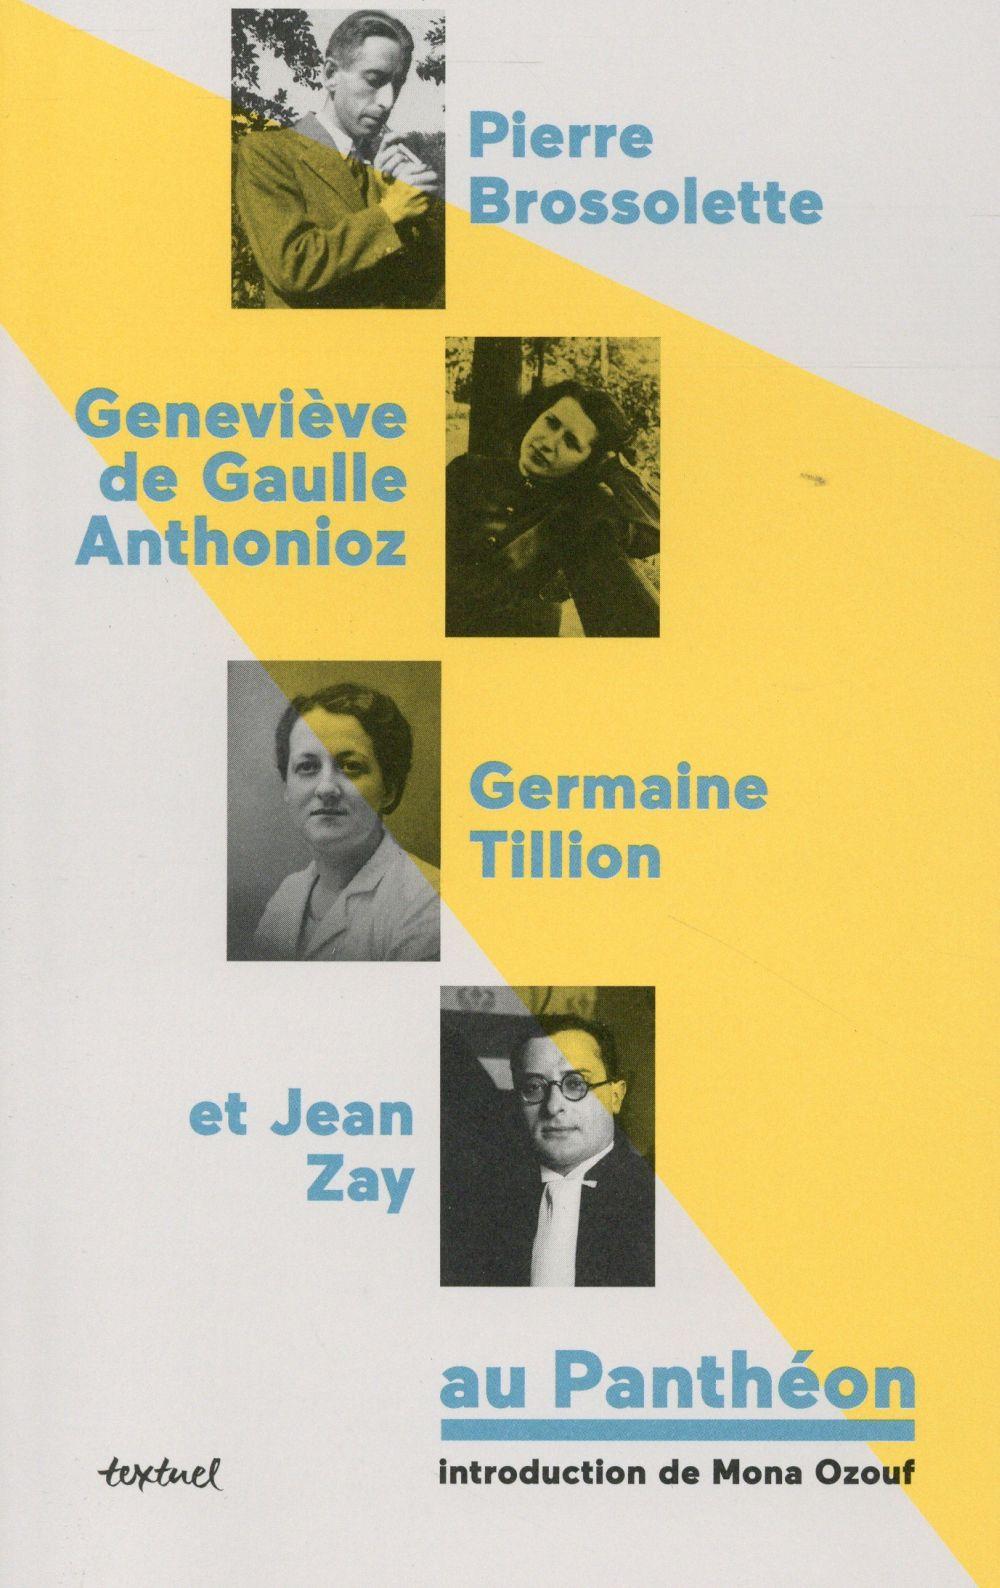 Pierre Brossolette, Geneviève de Gaulle Anthonioz, Germaine Tillion et Jean Zay au Panthéon